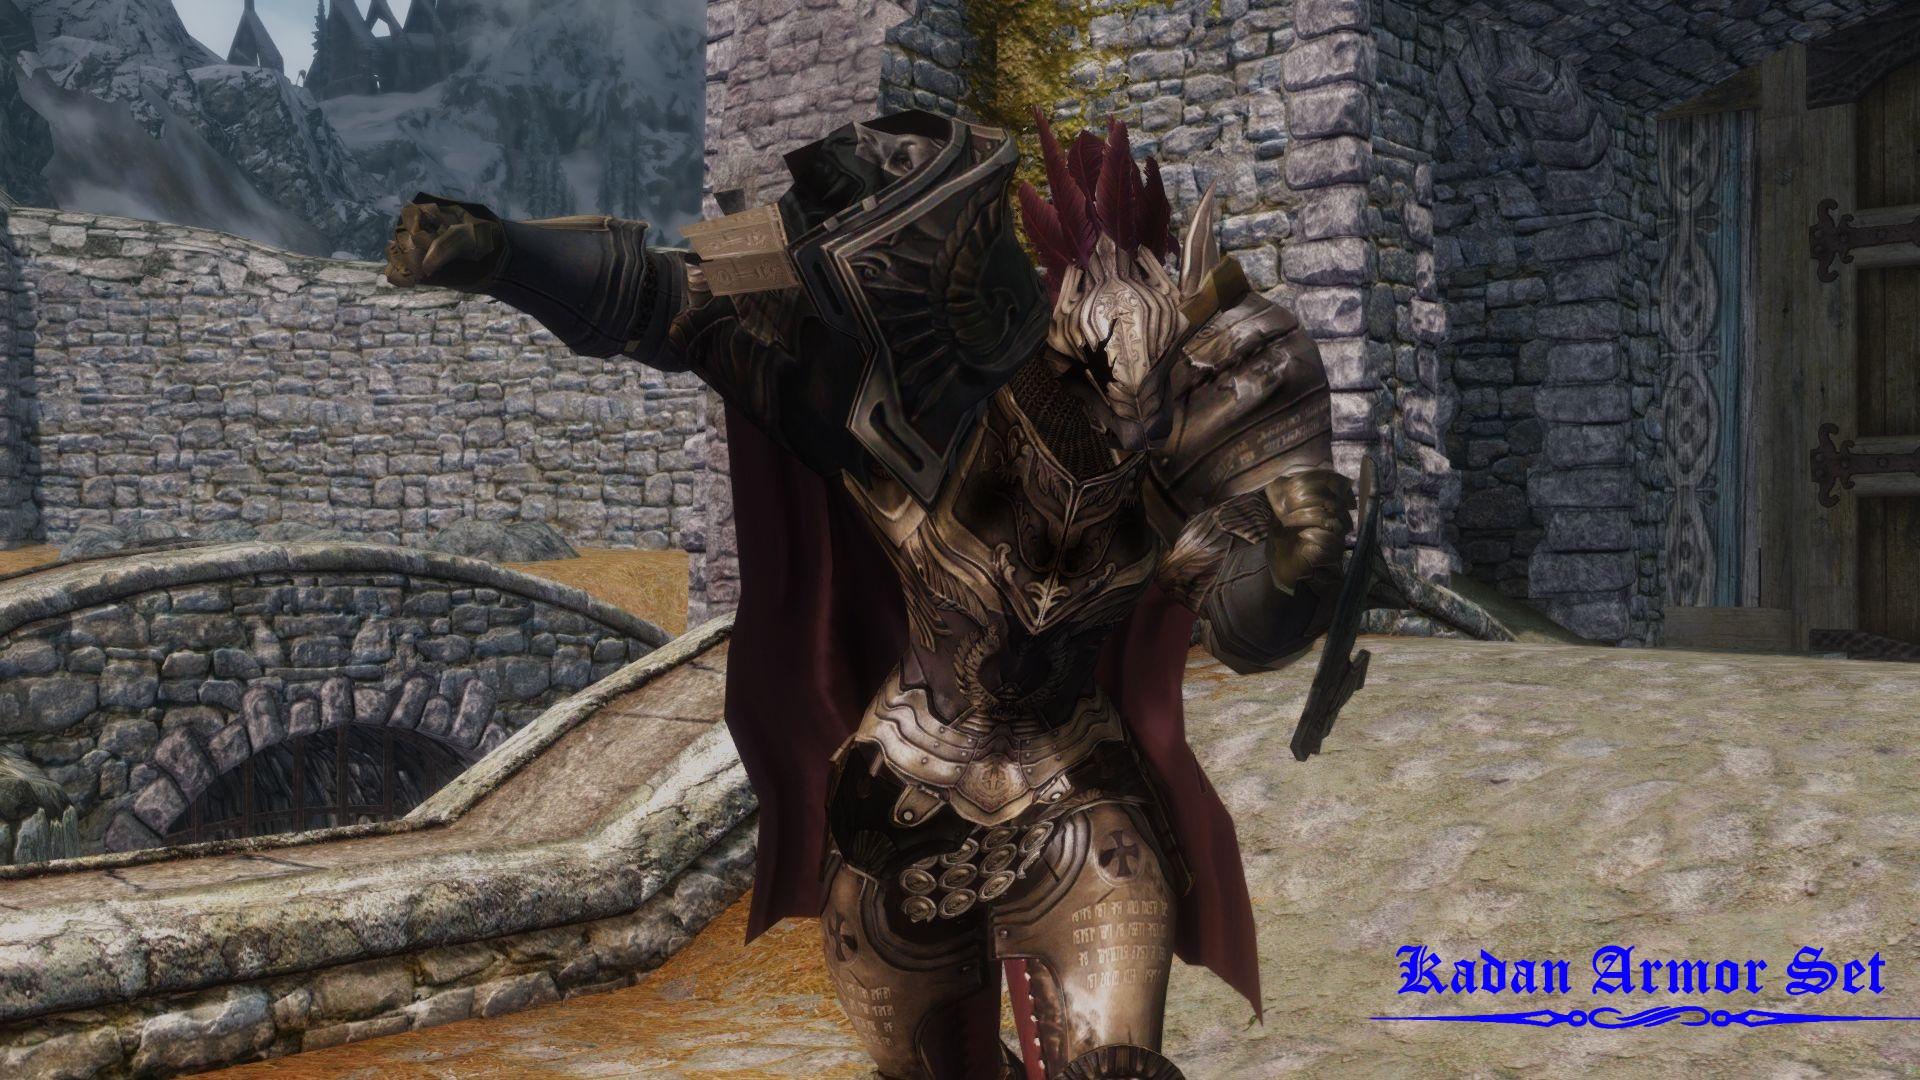 Kadan_Armor_Set.jpg